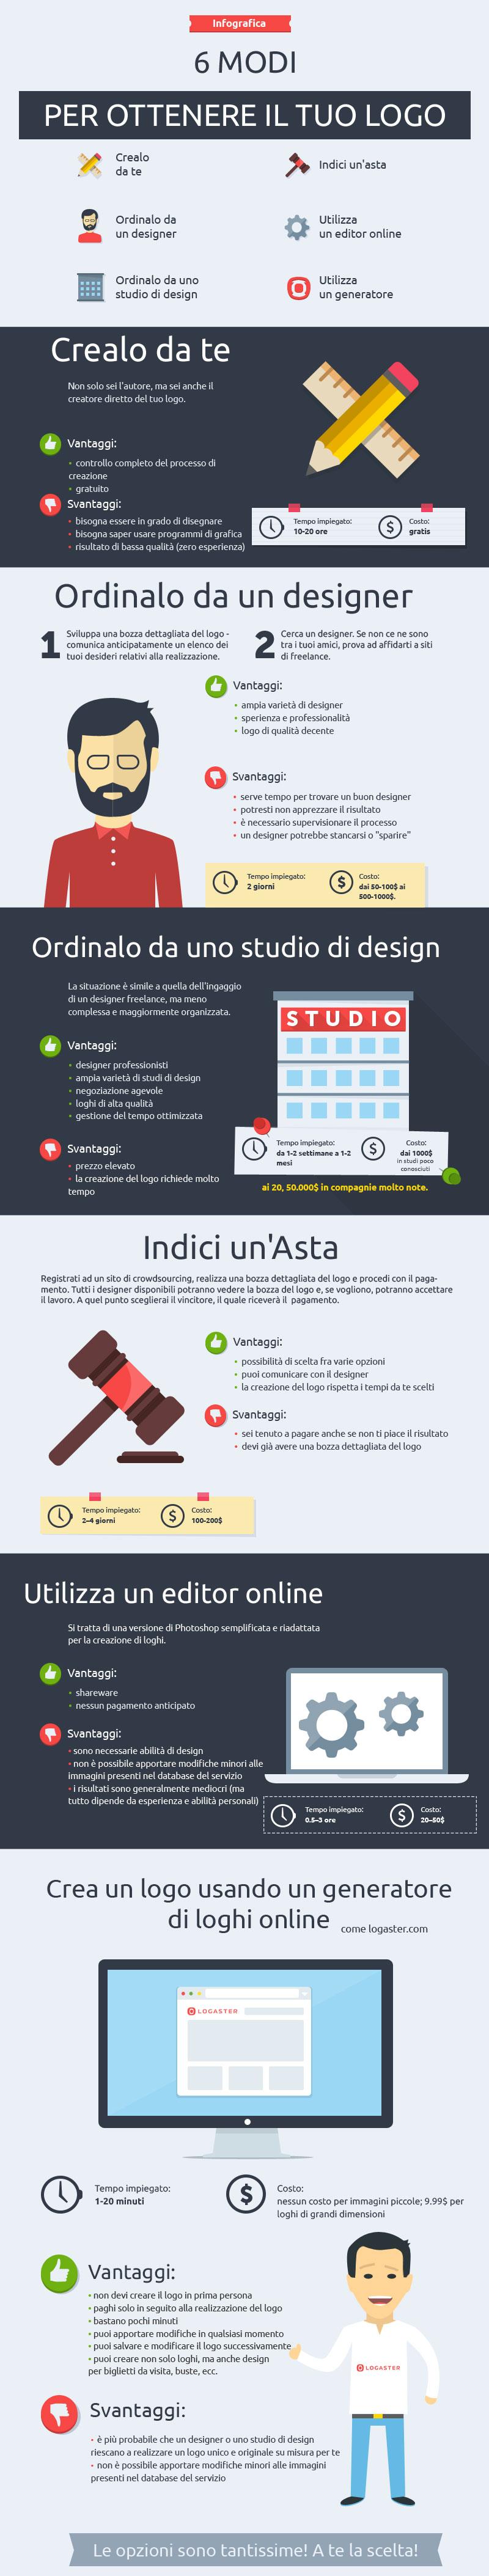 logaster_infografica